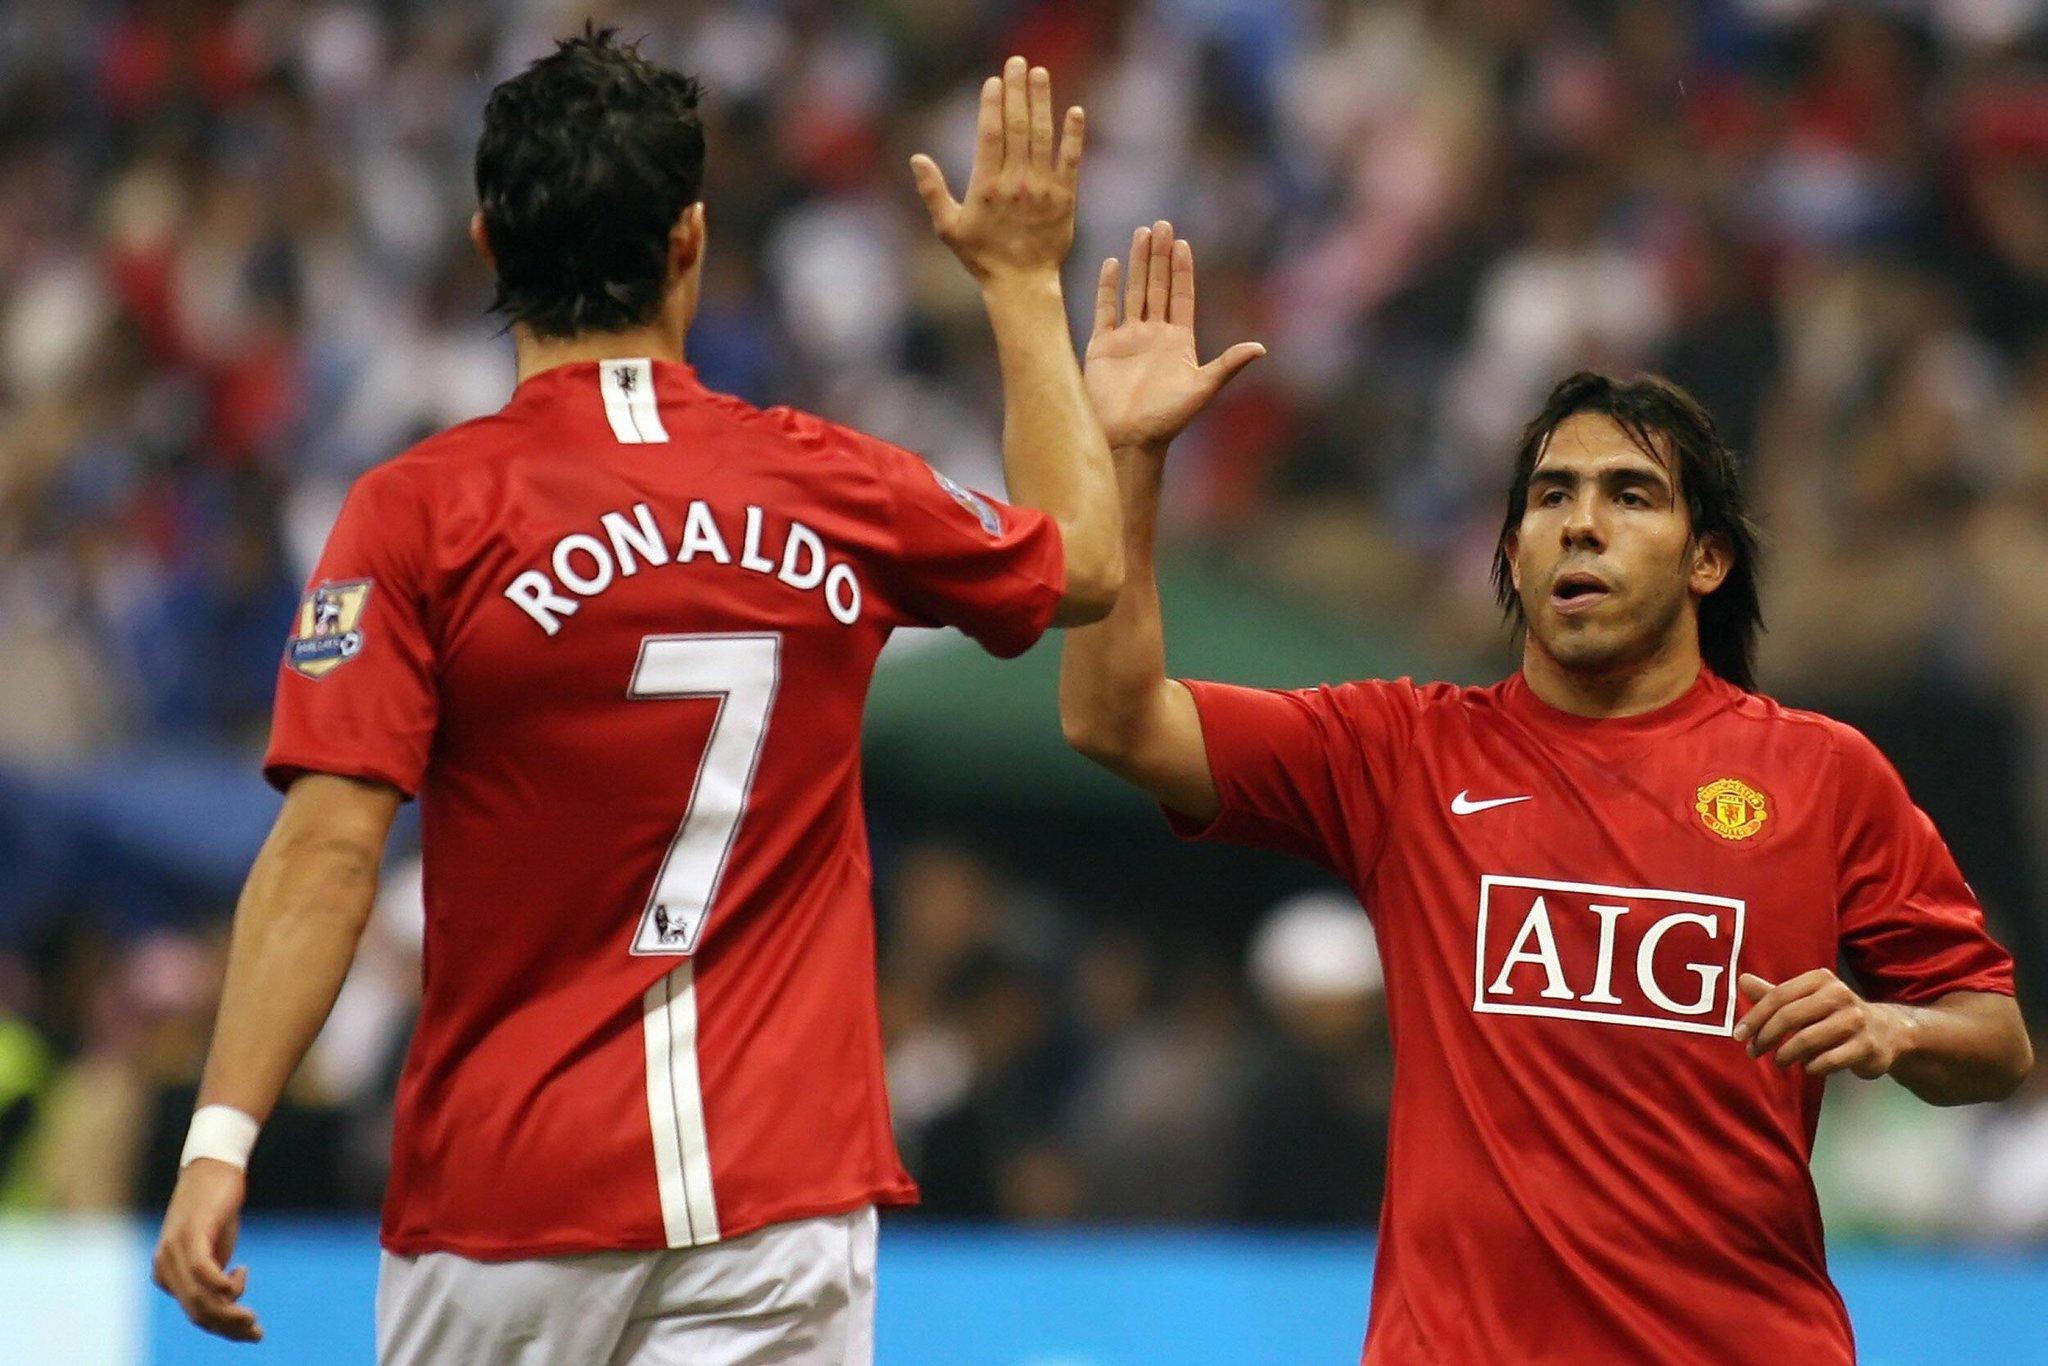 13年来首次,曼联有两名球员单赛季英超主场进球数达10